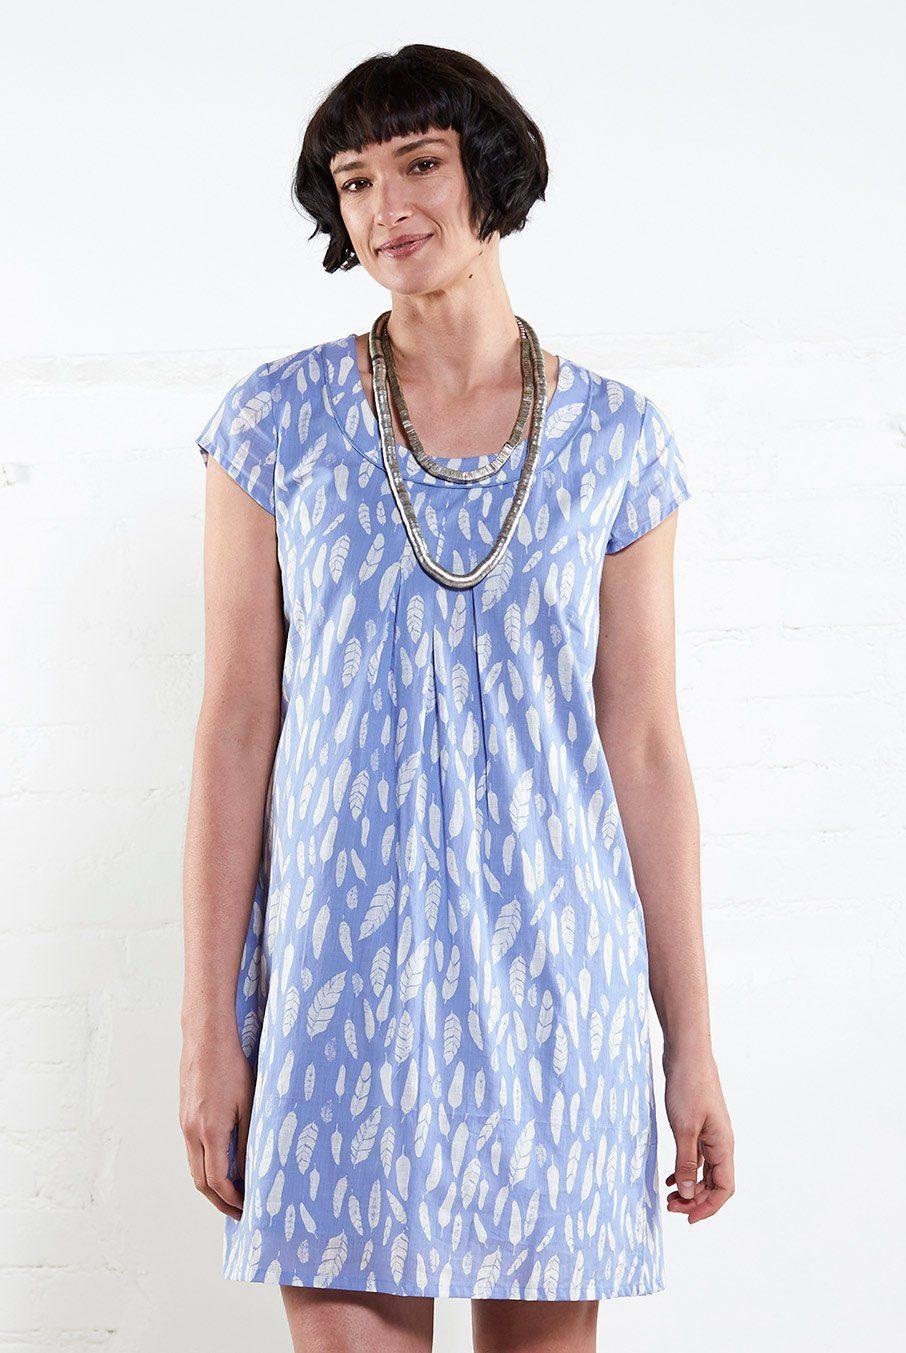 Nomads Tunikové šaty Feathers světle modré - Glami.cz 8451f43428